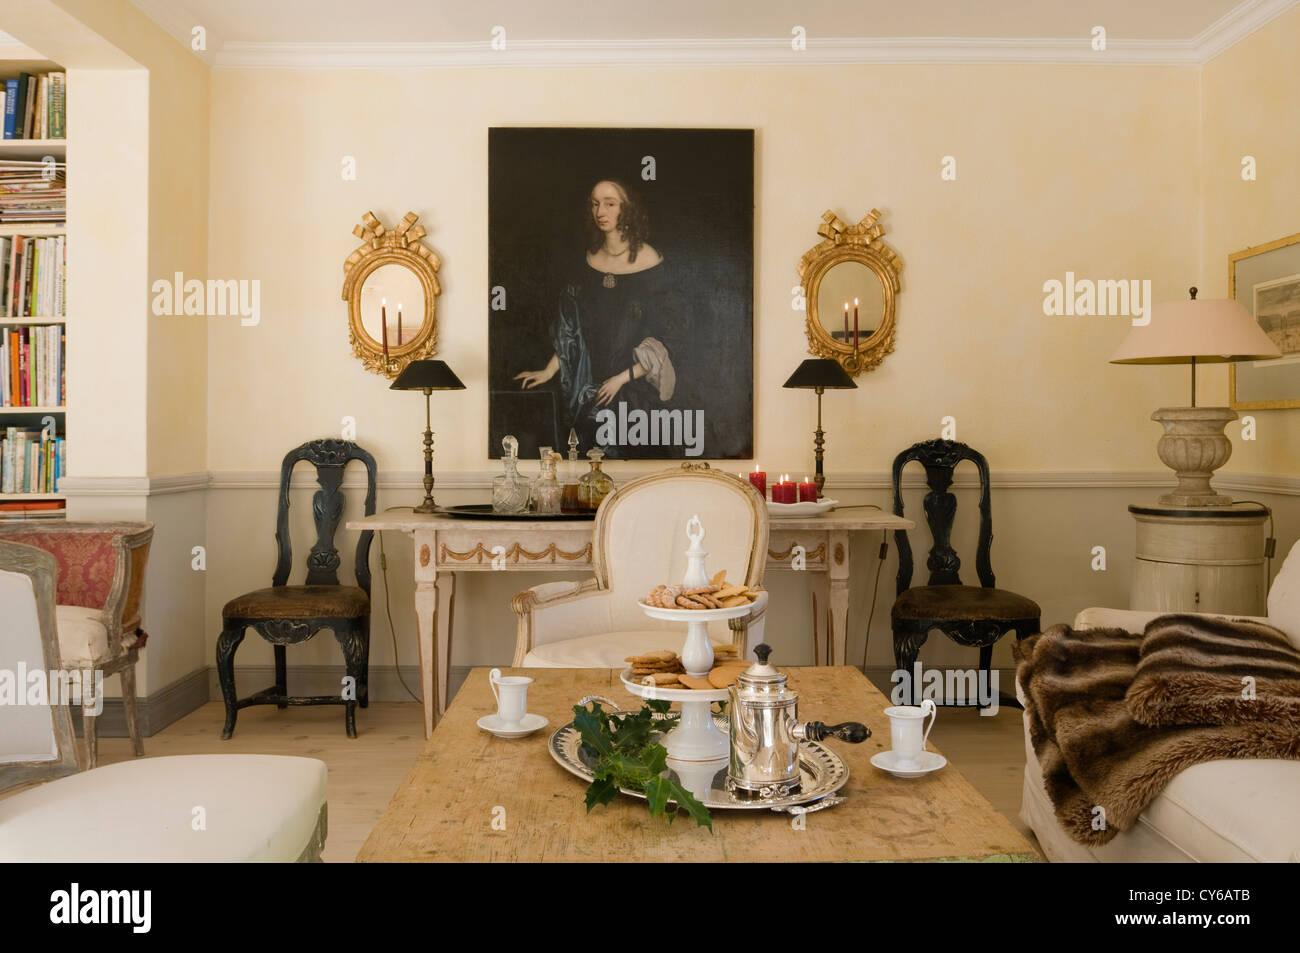 Fur Formal Stock Photos & Fur Formal Stock Images - Alamy